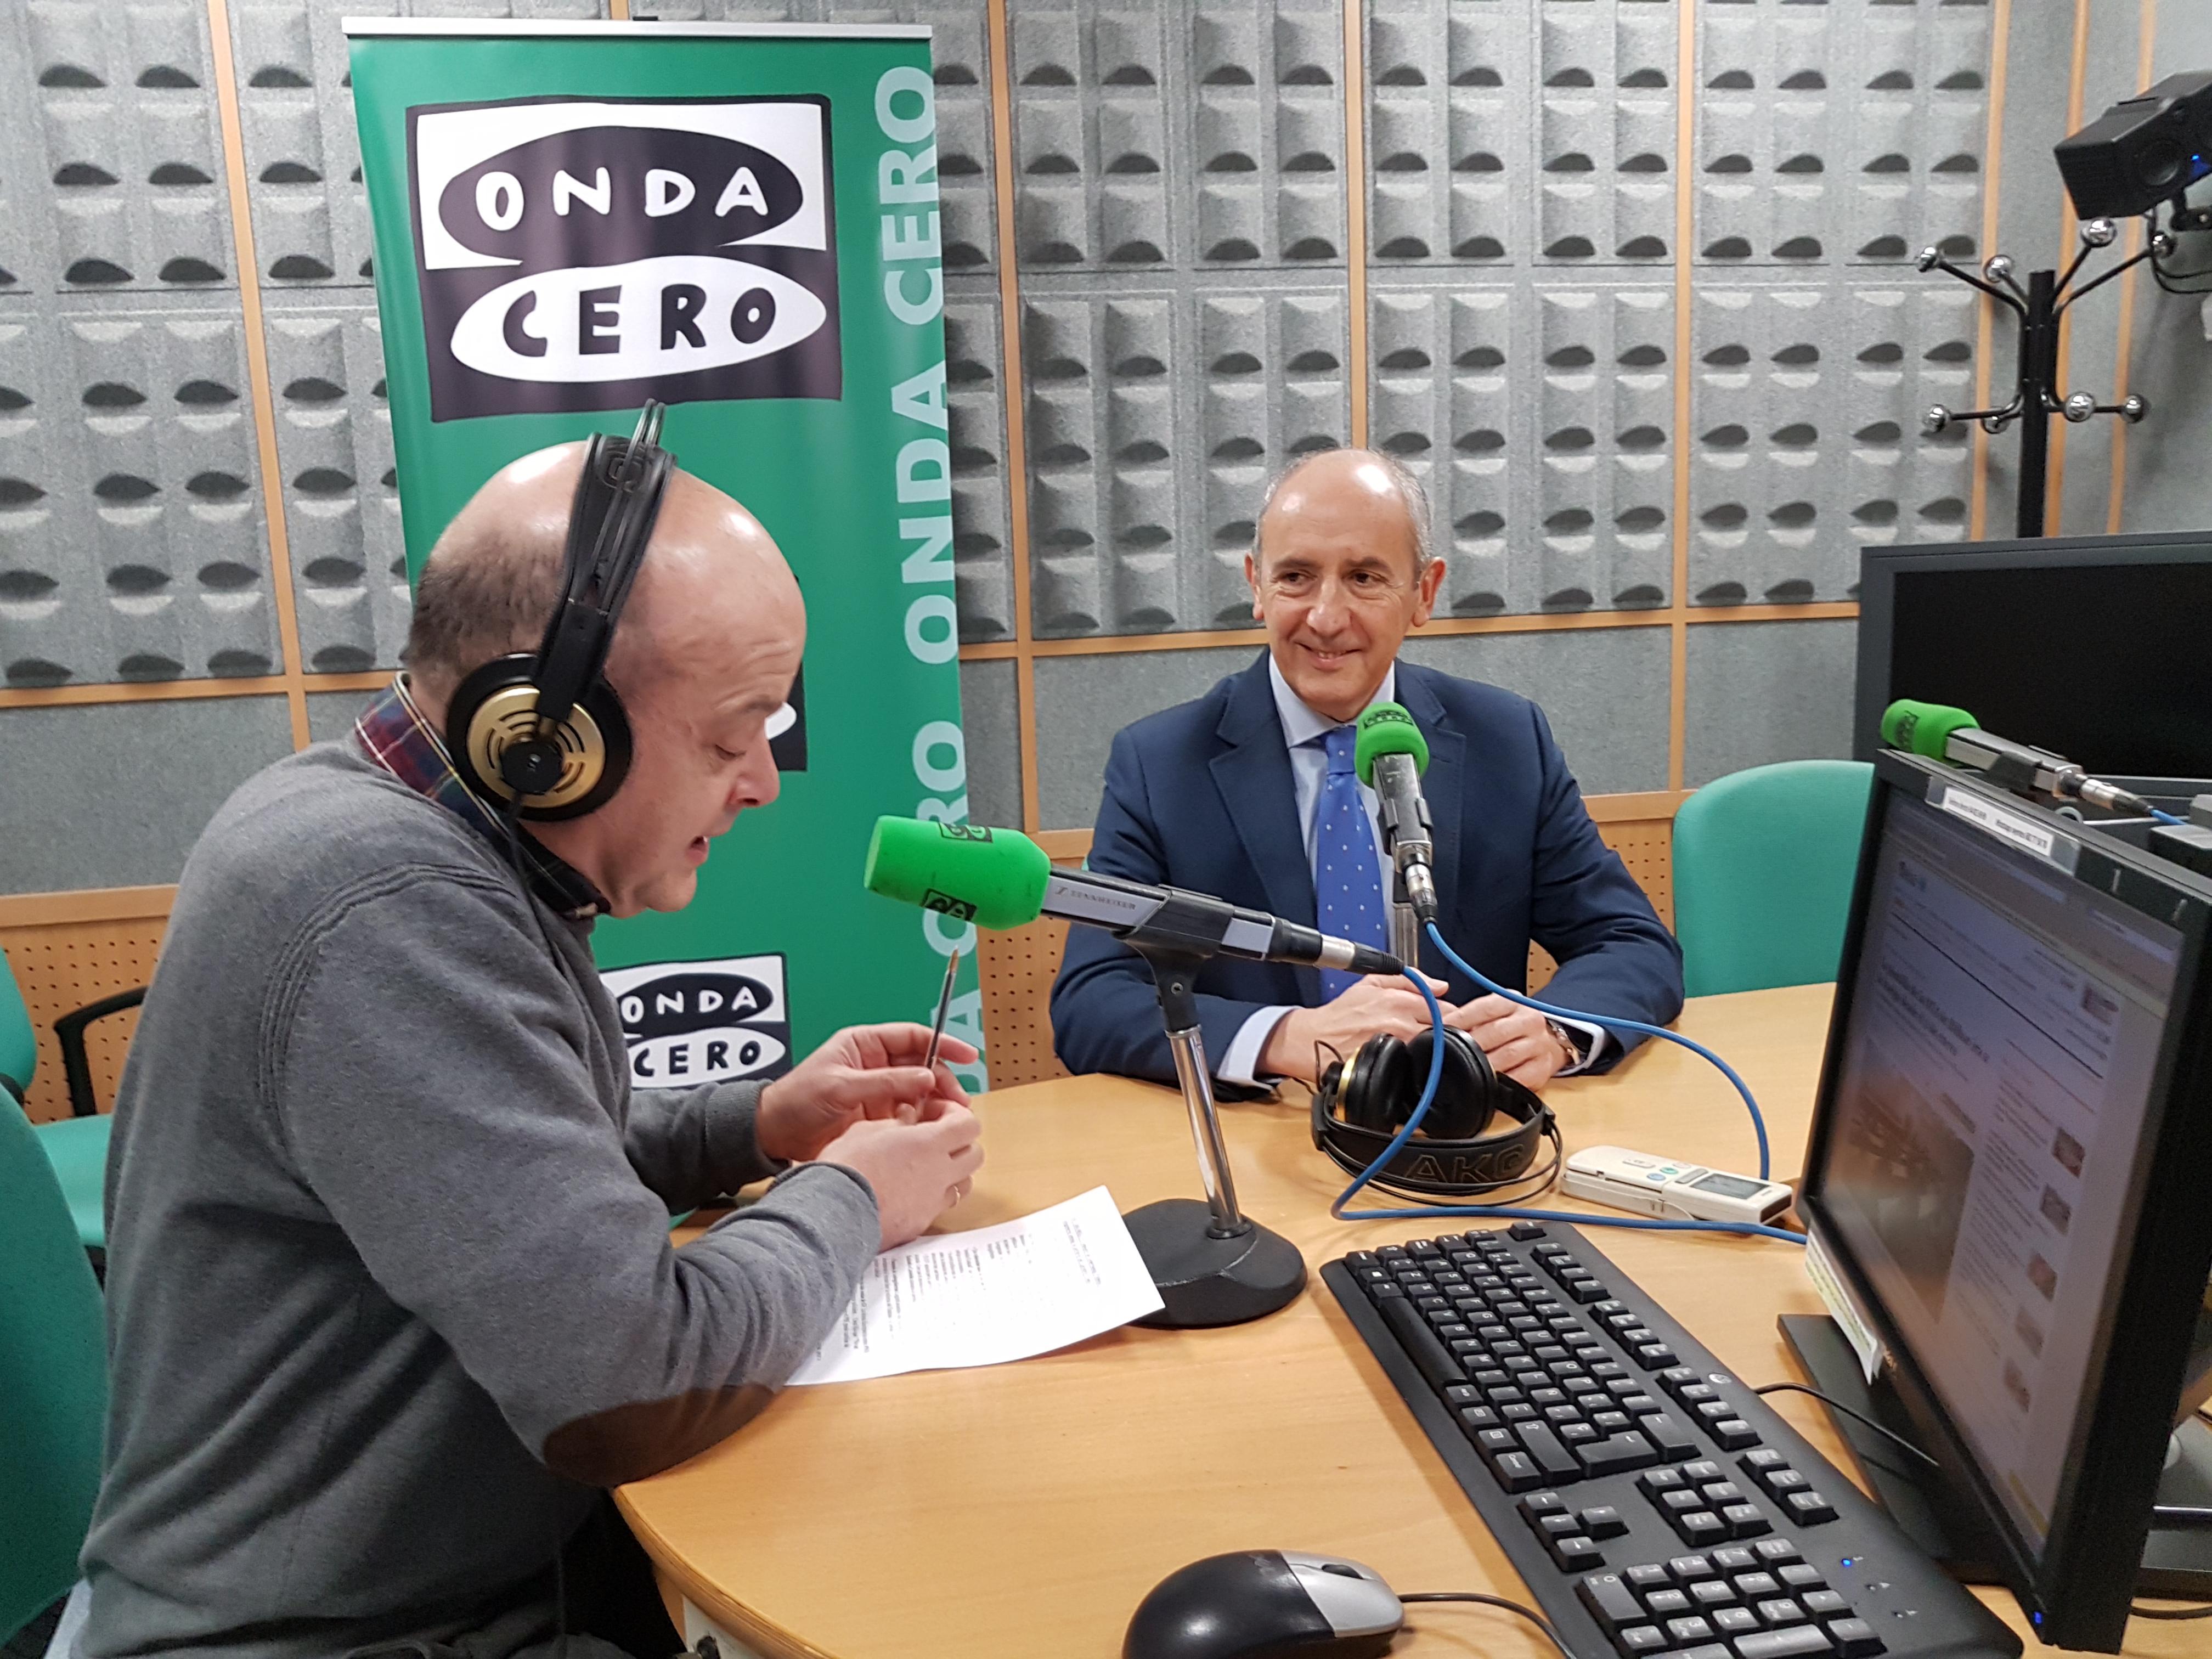 """Erkoreka: """"El empresariado vasco sitúa la tasa de paro por debajo del 8% el año que viene, si se confirma sería una excelente noticia"""""""